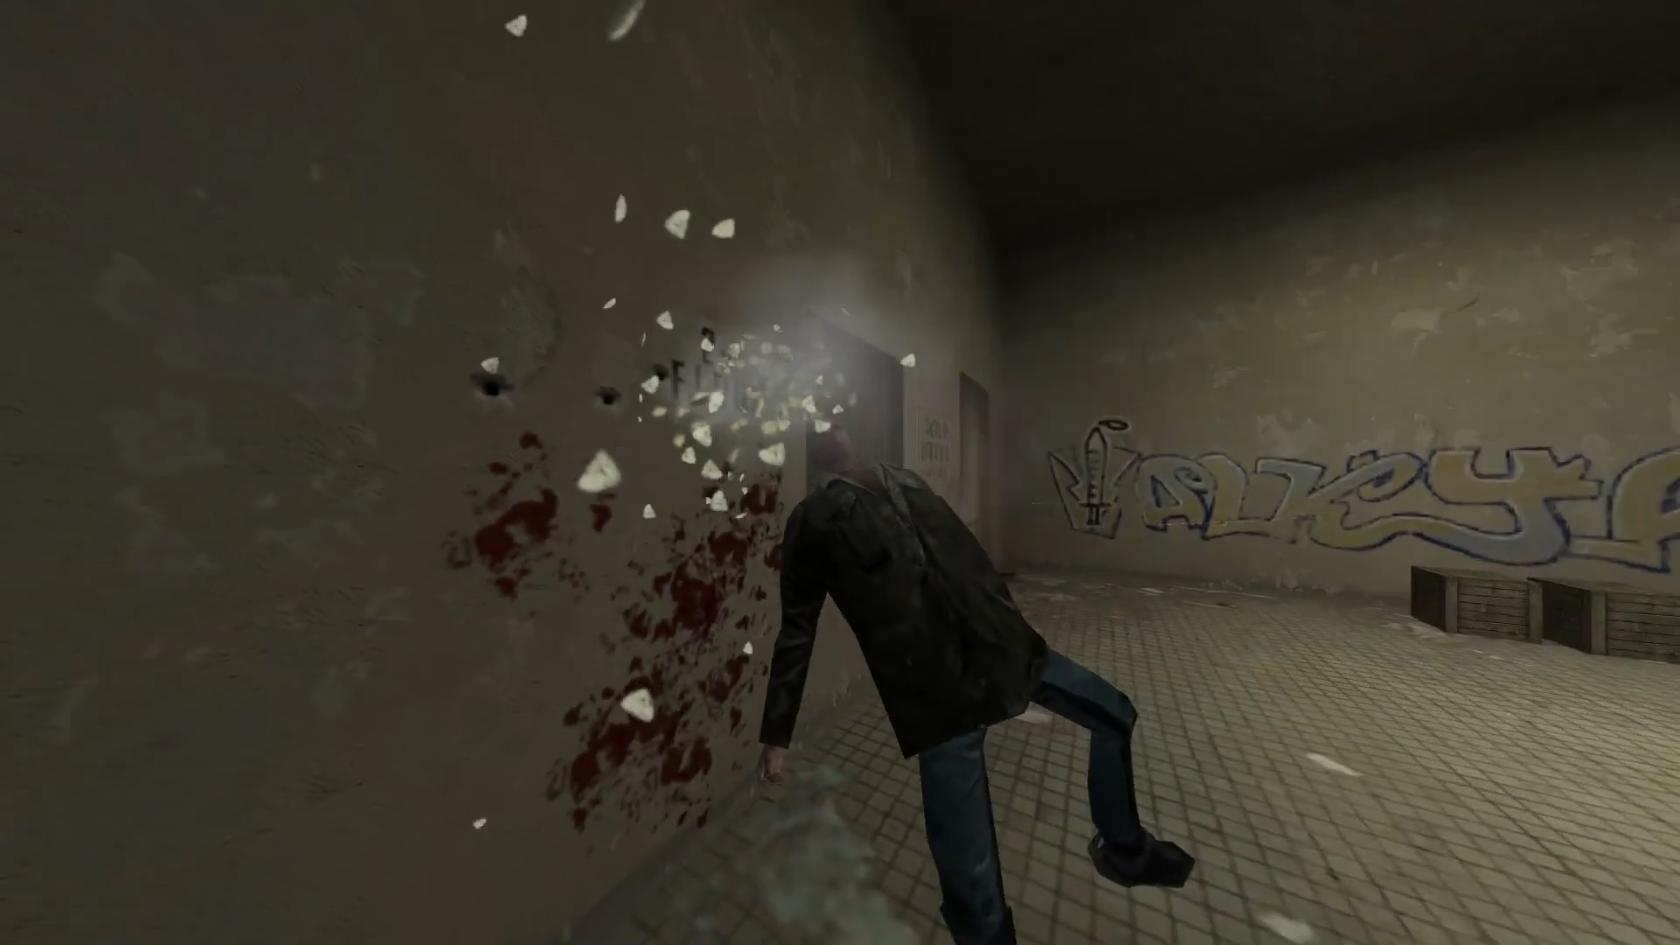 Философия мести   Ностальгический обзор игры Max Payne. - Изображение 9